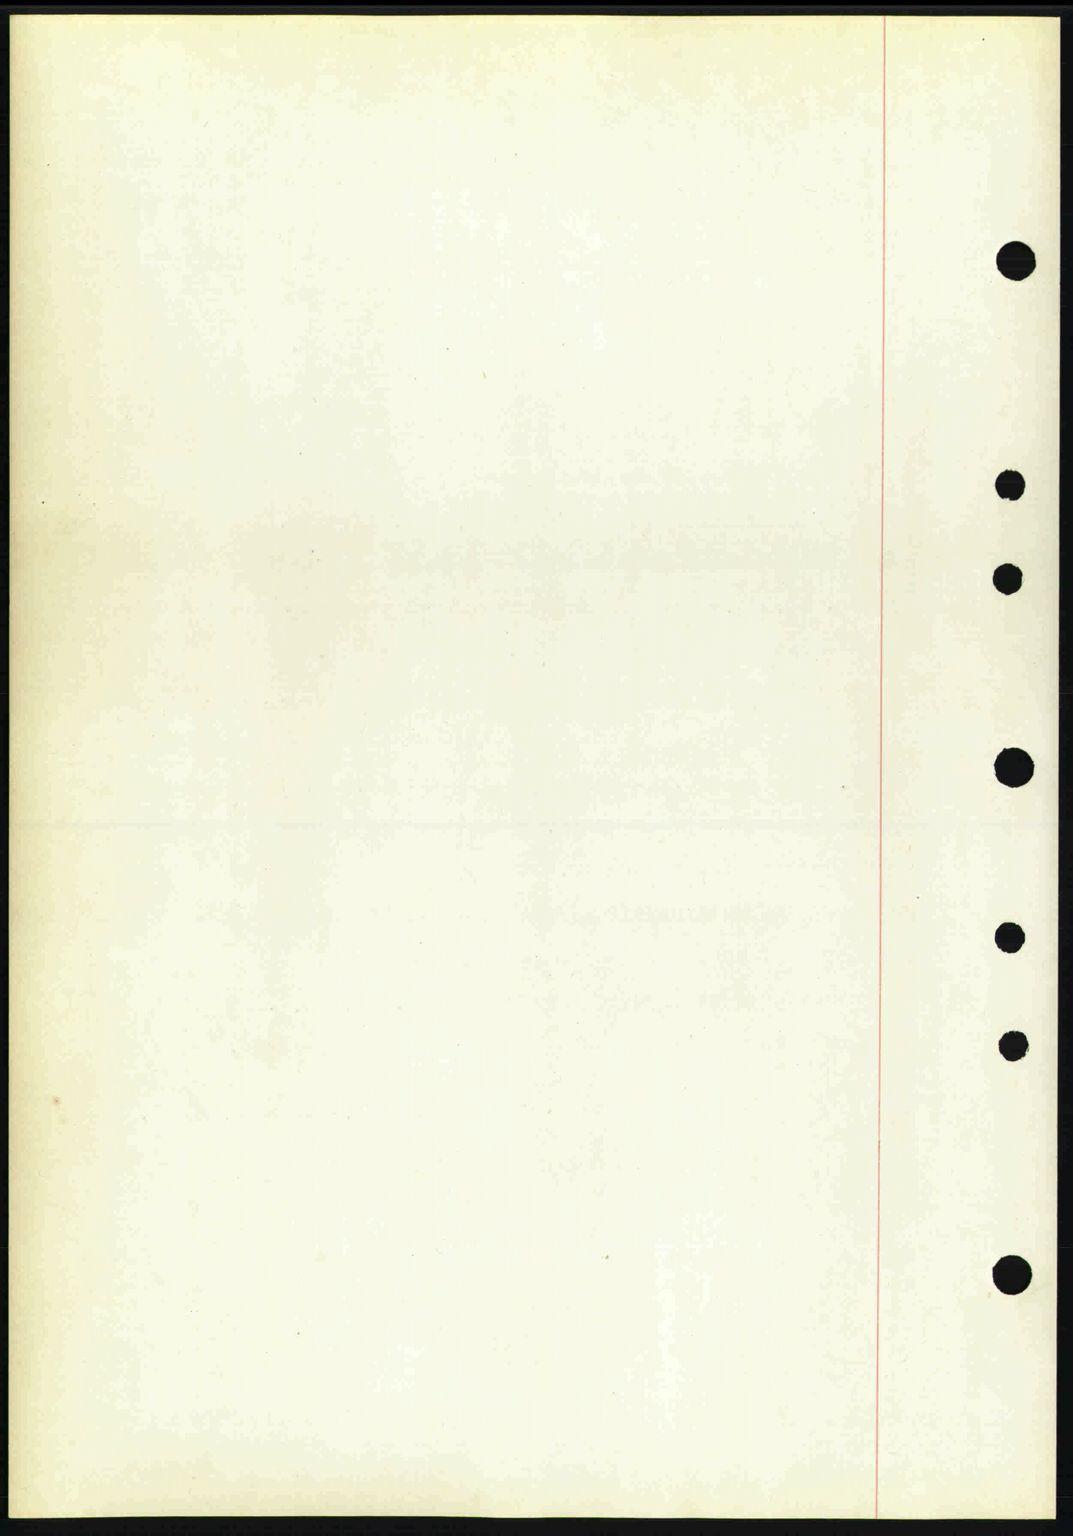 SAKO, Larvik sorenskriveri, G/Ga/Gab/L0067: Pantebok nr. A-1, 1936-1937, Dagboknr: 127/1937